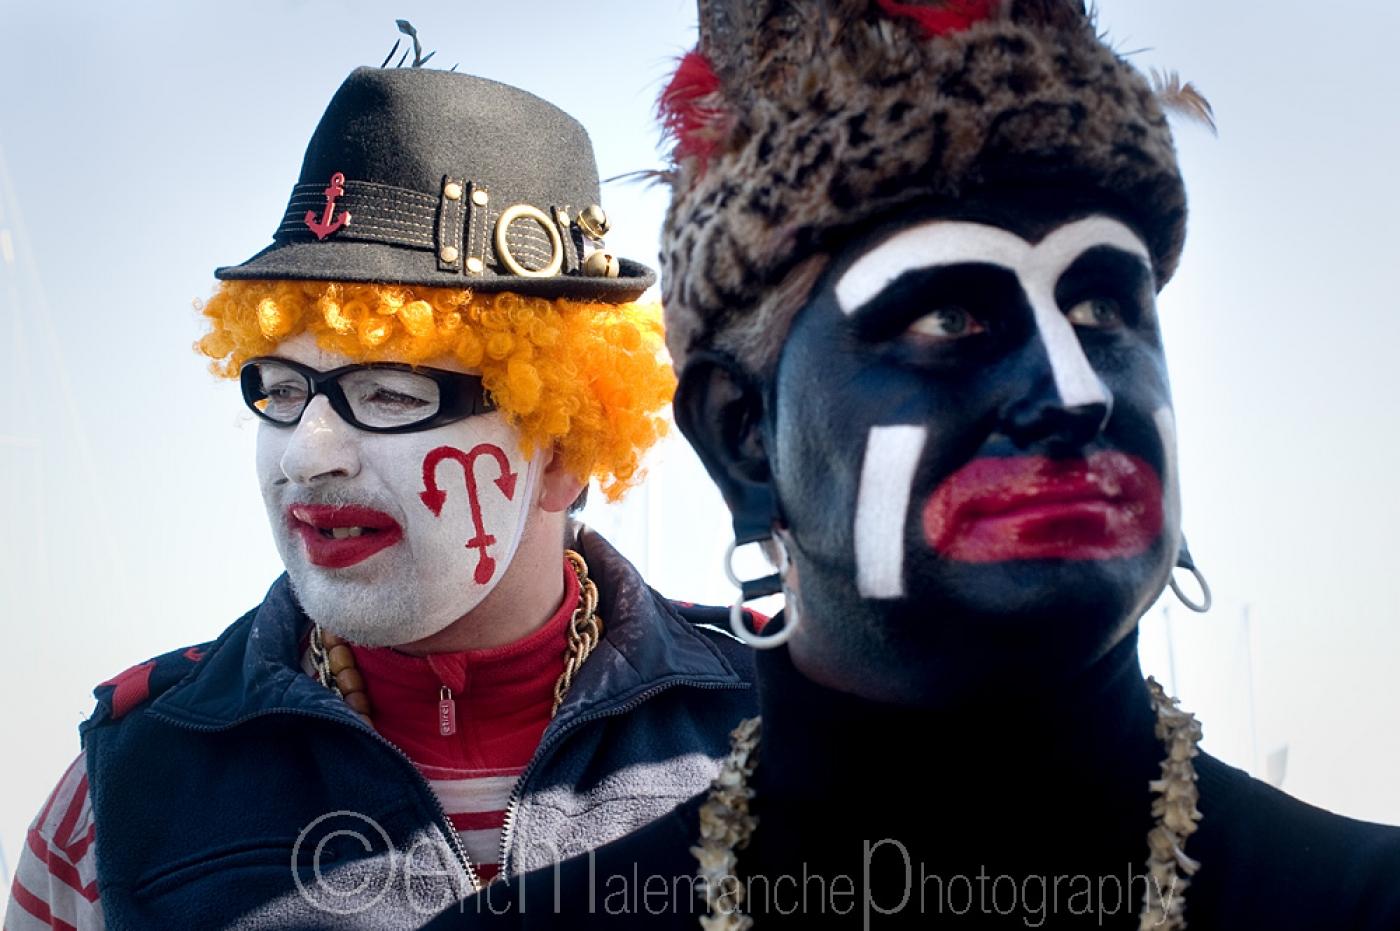 https://www.ericmalemanche.com/imagess/topics/carnaval-de-dunkerque/liste/Carnaval-Dunkerque-1143.jpg